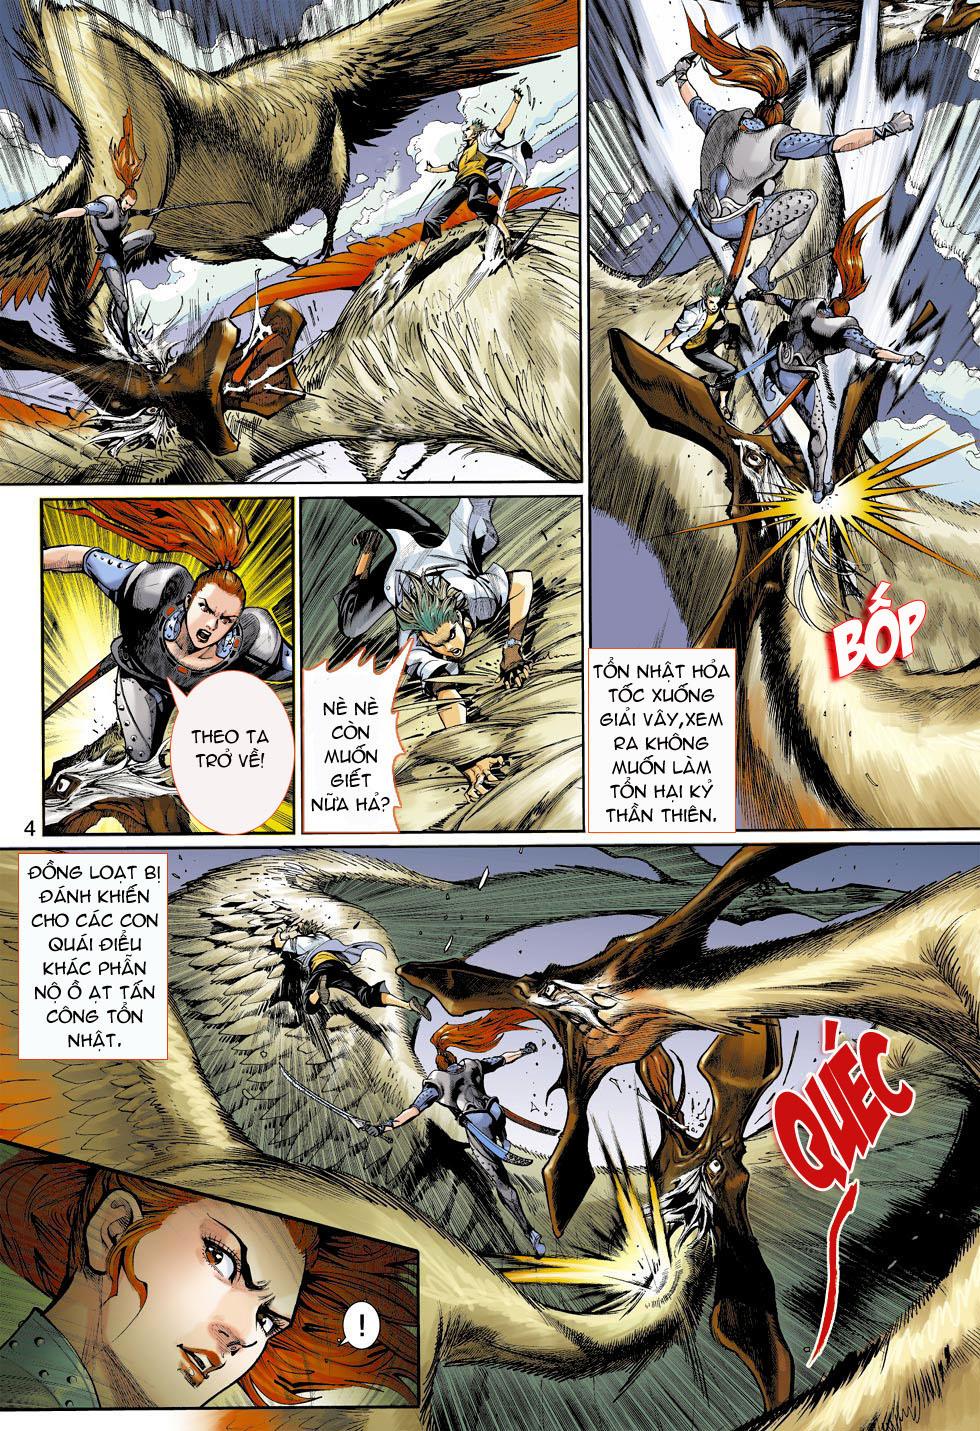 Thần Binh 4 chap 4 - Trang 4